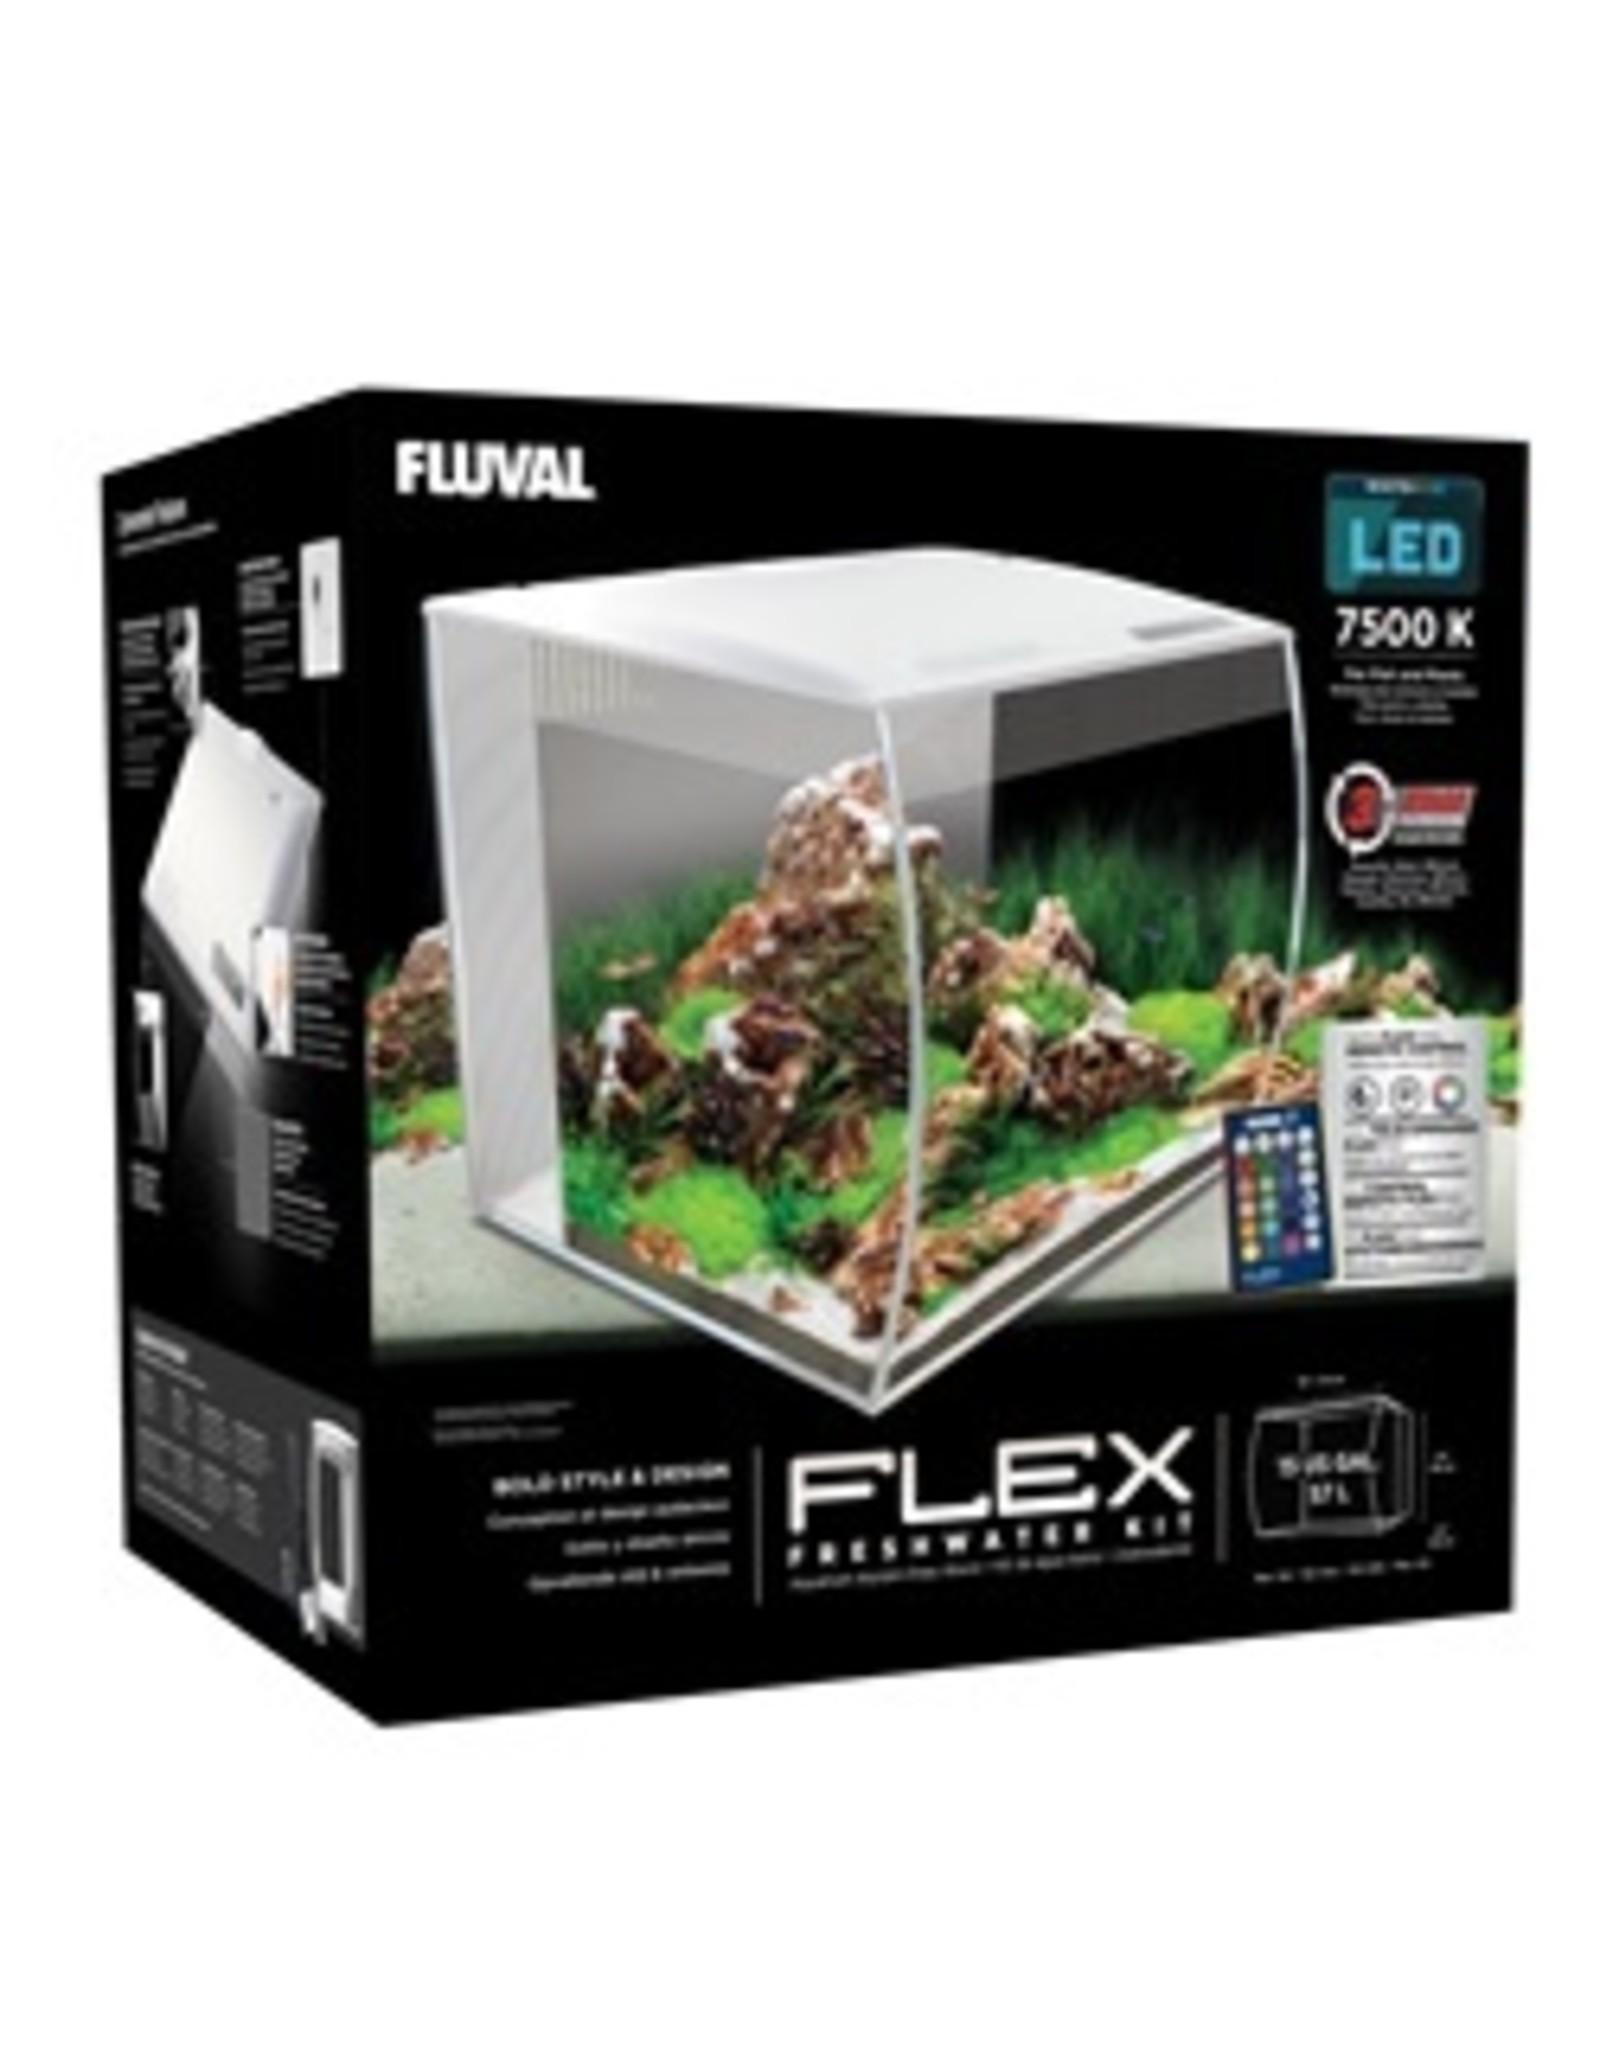 FL - Fluval Fluval Flex Aquarium, White, 57L,15gal